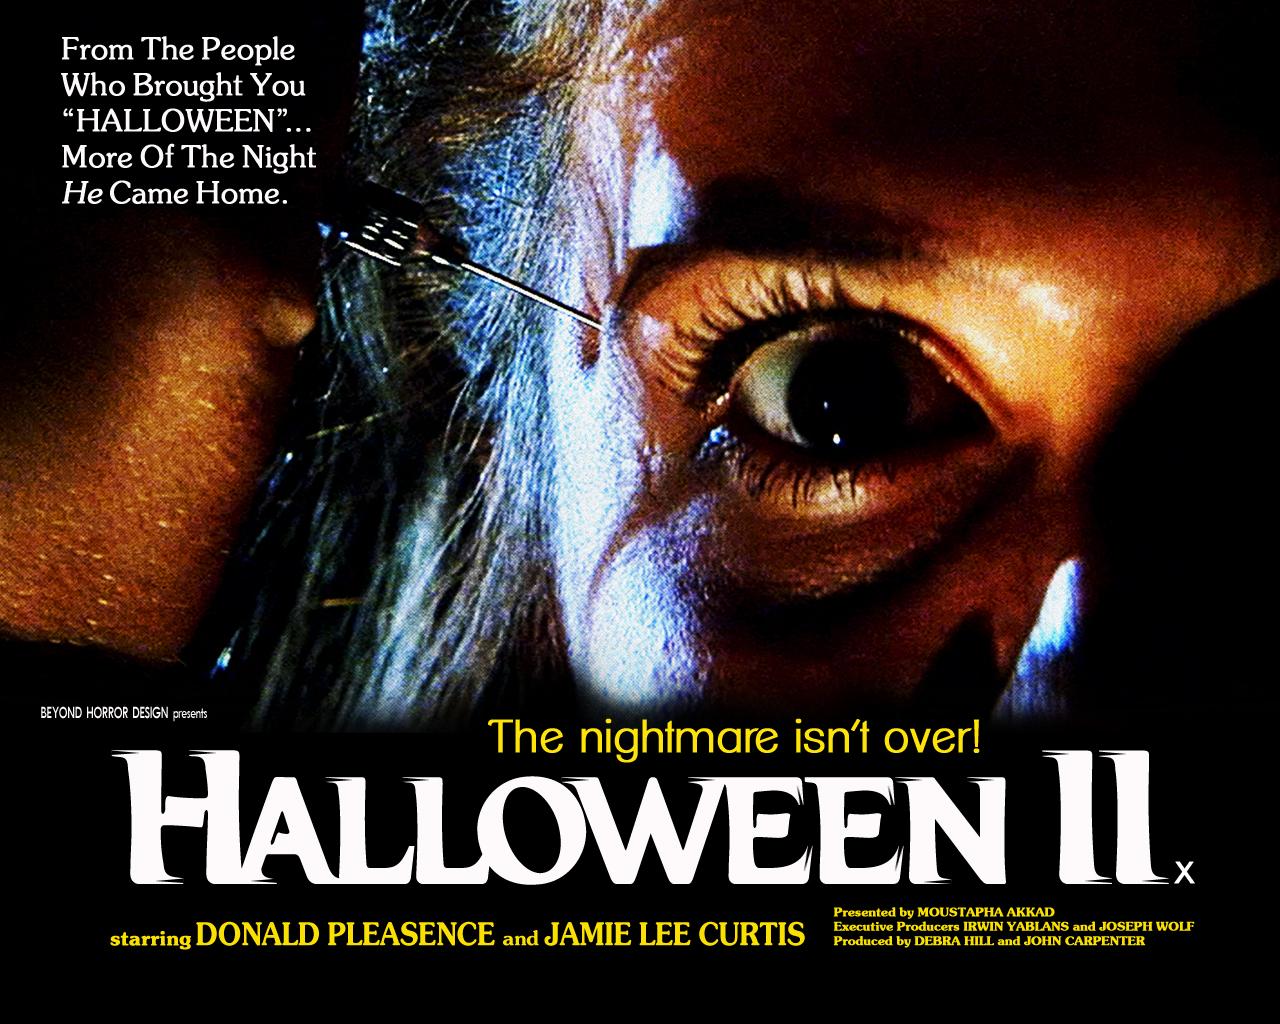 http://4.bp.blogspot.com/-vdNeRe-WWuU/UJL2RlH08CI/AAAAAAAAA2c/ZcOYxPo7SCc/s1600/Halloween+II+1981+Poster+Wallpaper+Beyond+Horror+Design.jpg